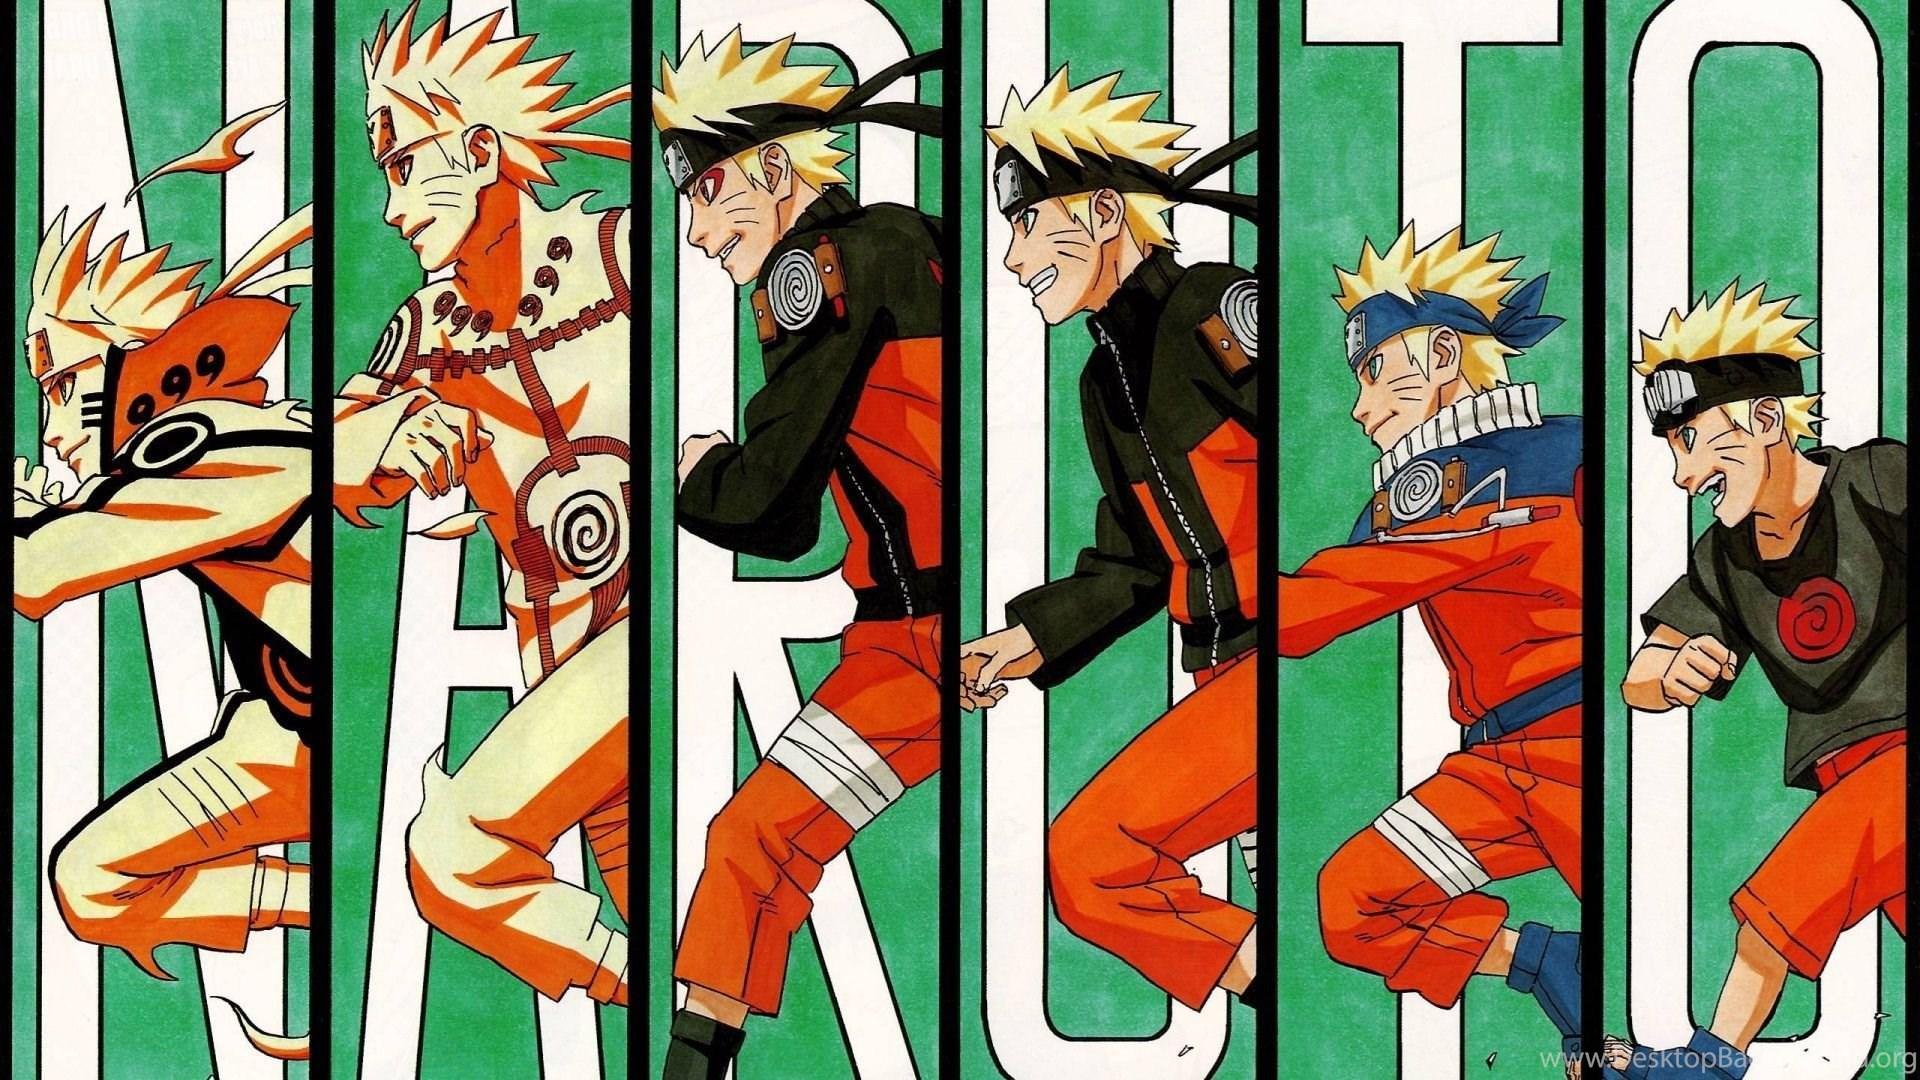 Download Wallpapers 1920x1080 Naruto Naruto Shippuuden Anime Boy